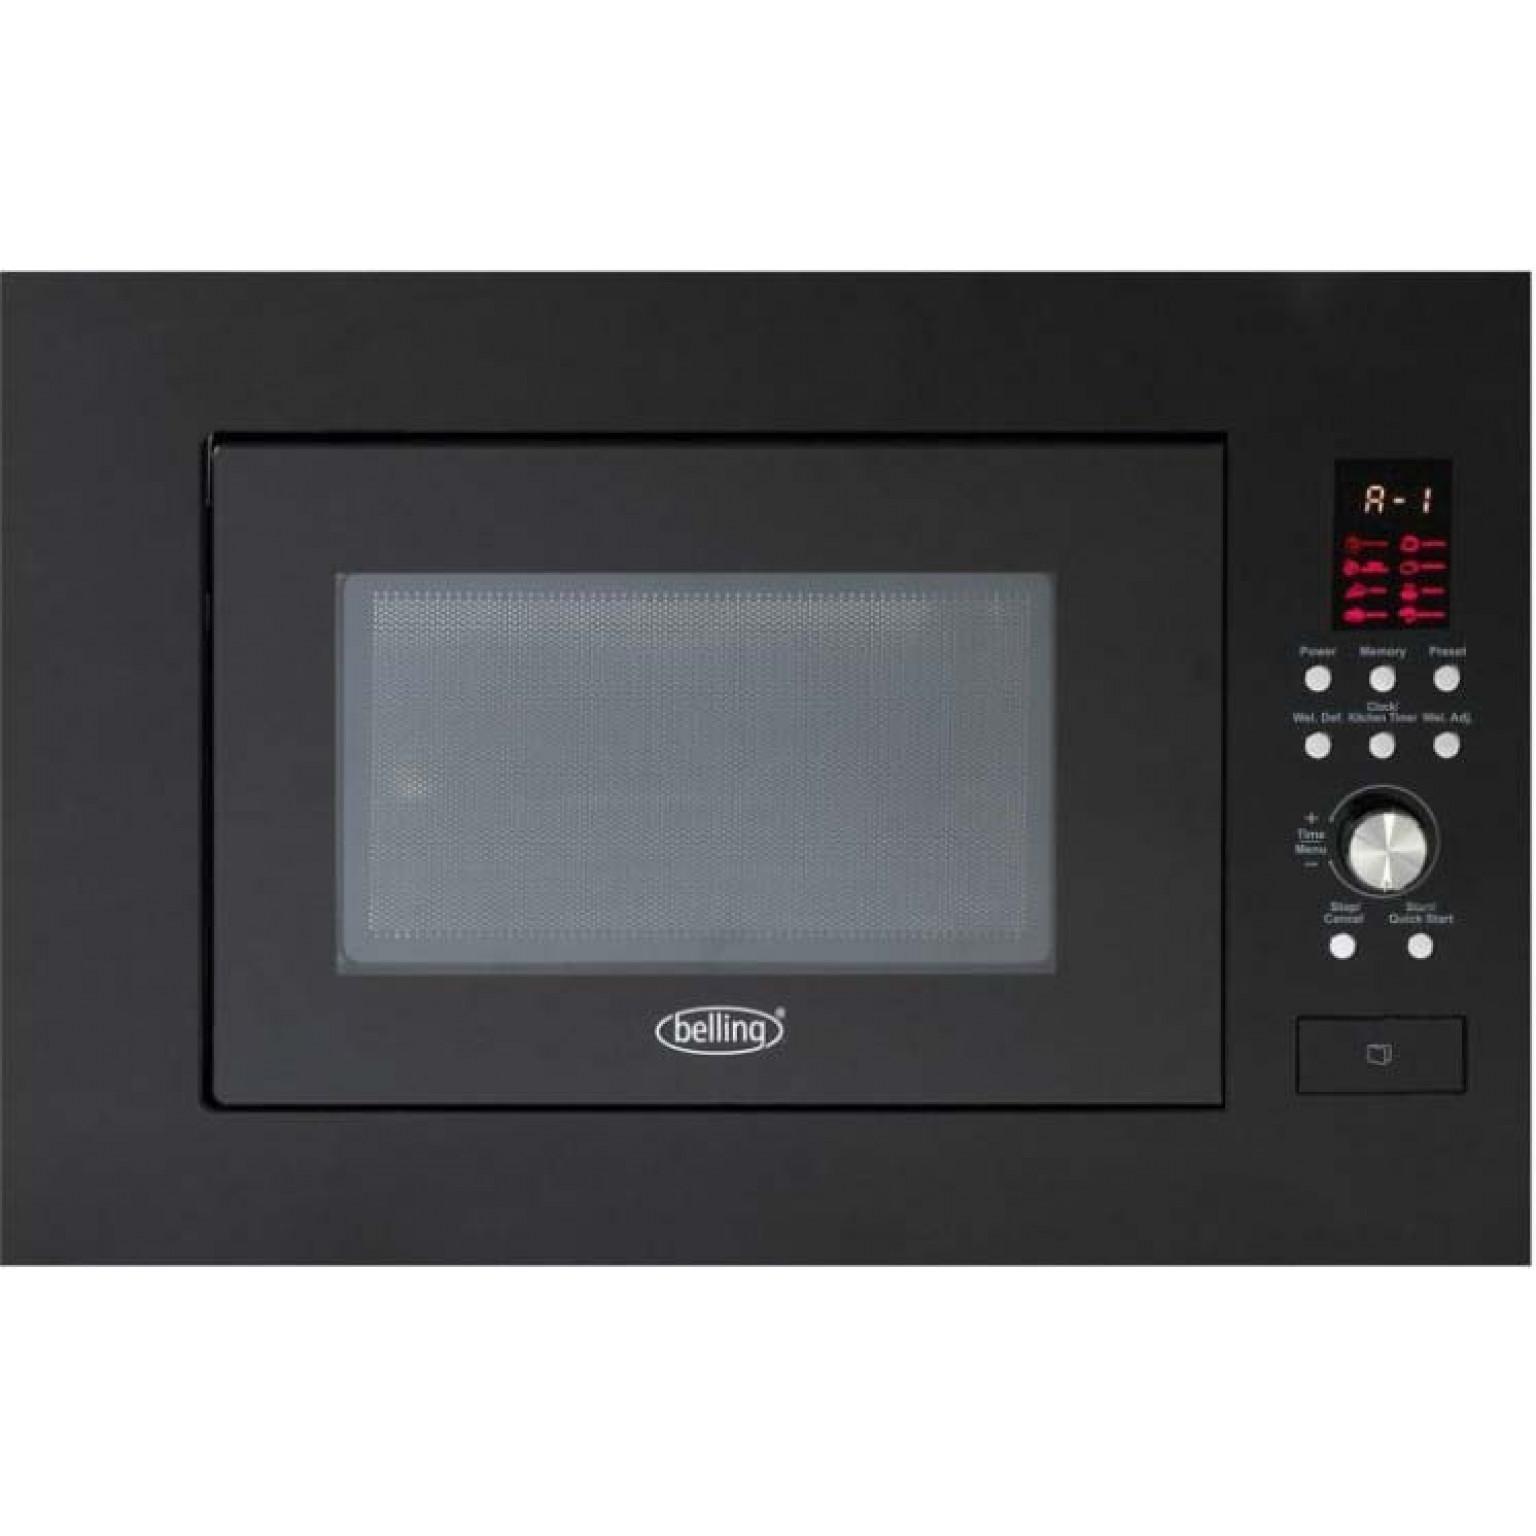 BELLING Built in microwave in Black BIM60BLK